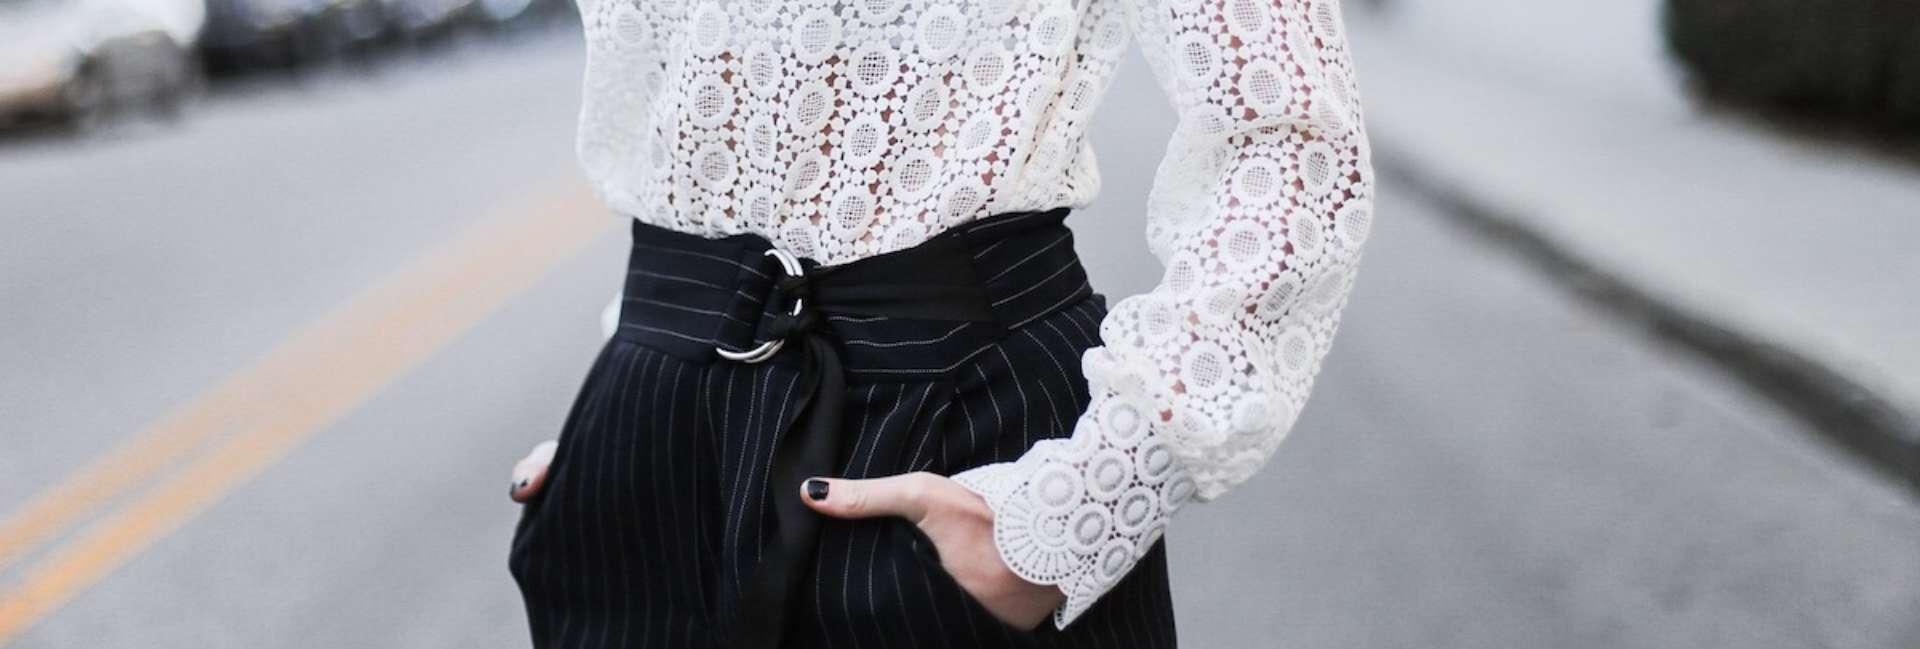 Five ready-to-wear styles